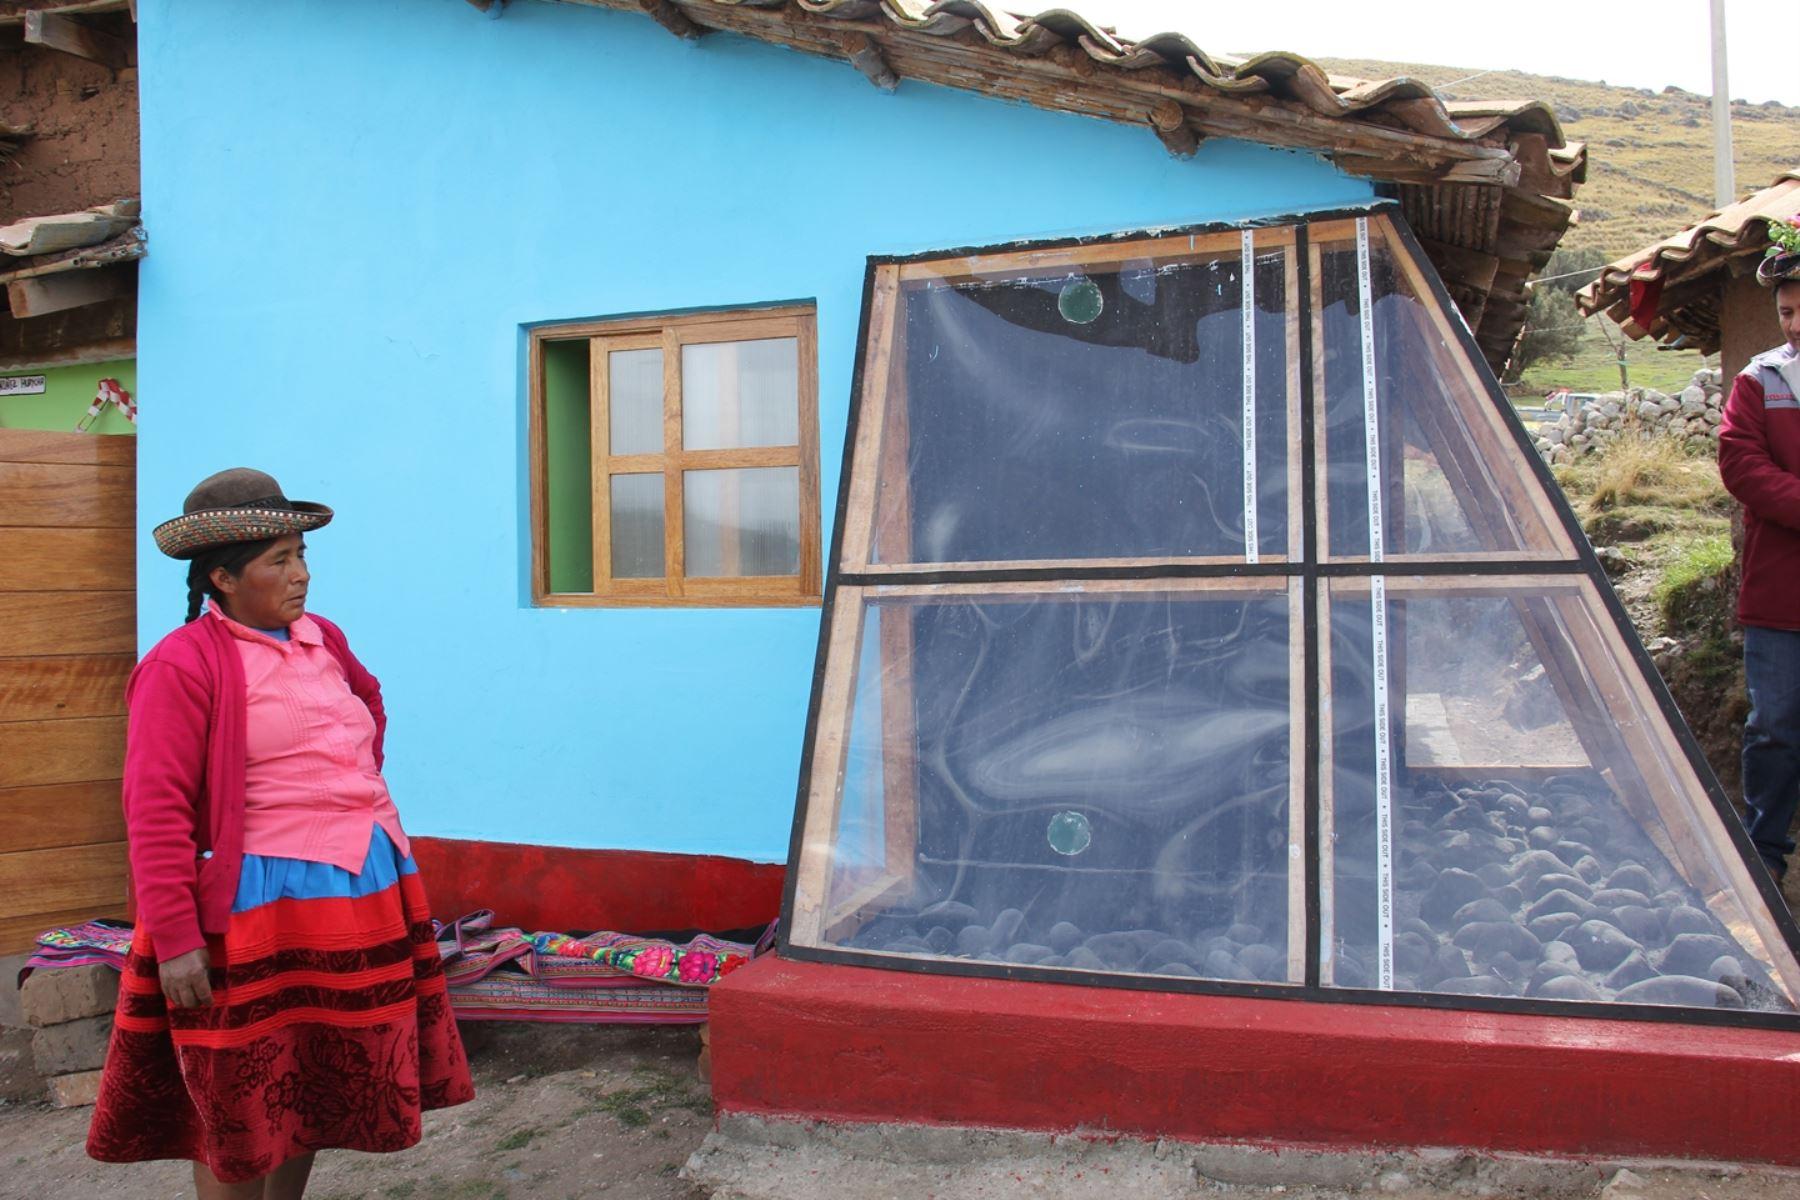 Gobierno de Ayacucho elaborará e implementará políticas públicas de la mujer rural como agente de desarrollo en la región. ANDINA/Difusión